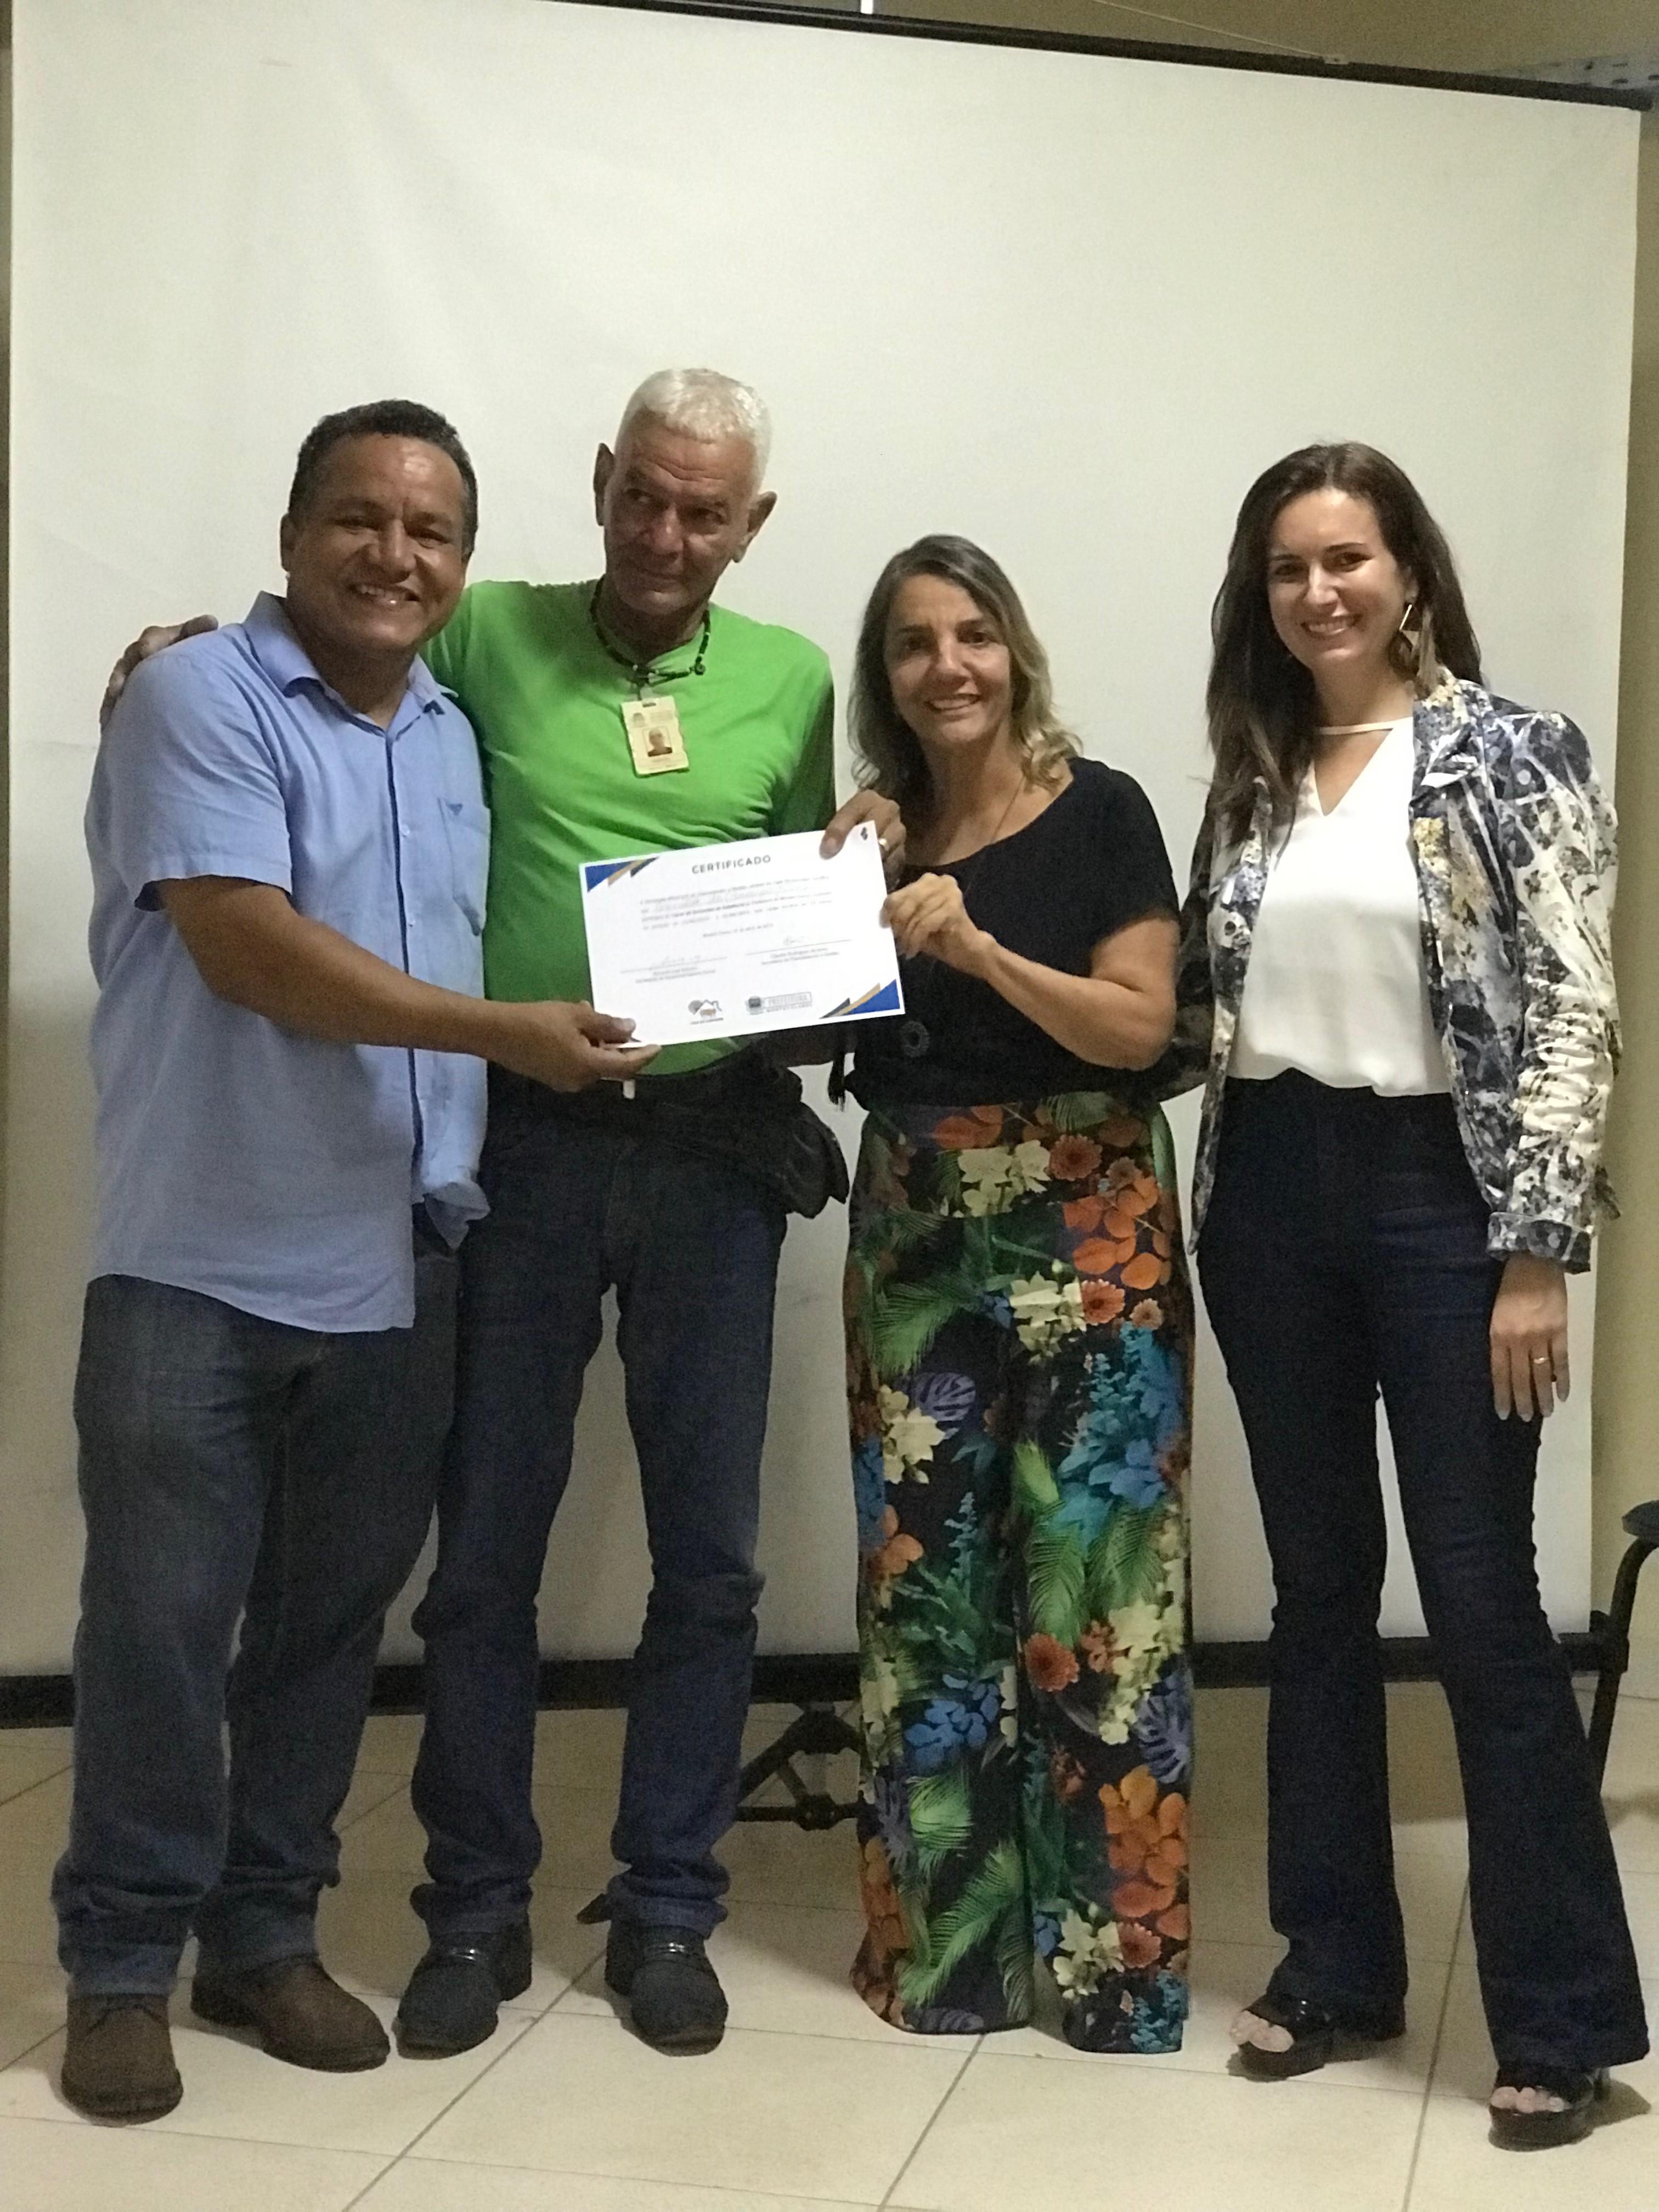 Imagem de destaque SERVIDORES DA PREFEITURA RECEBEM CERTIFICADOS DE CAPACITAÇÃO